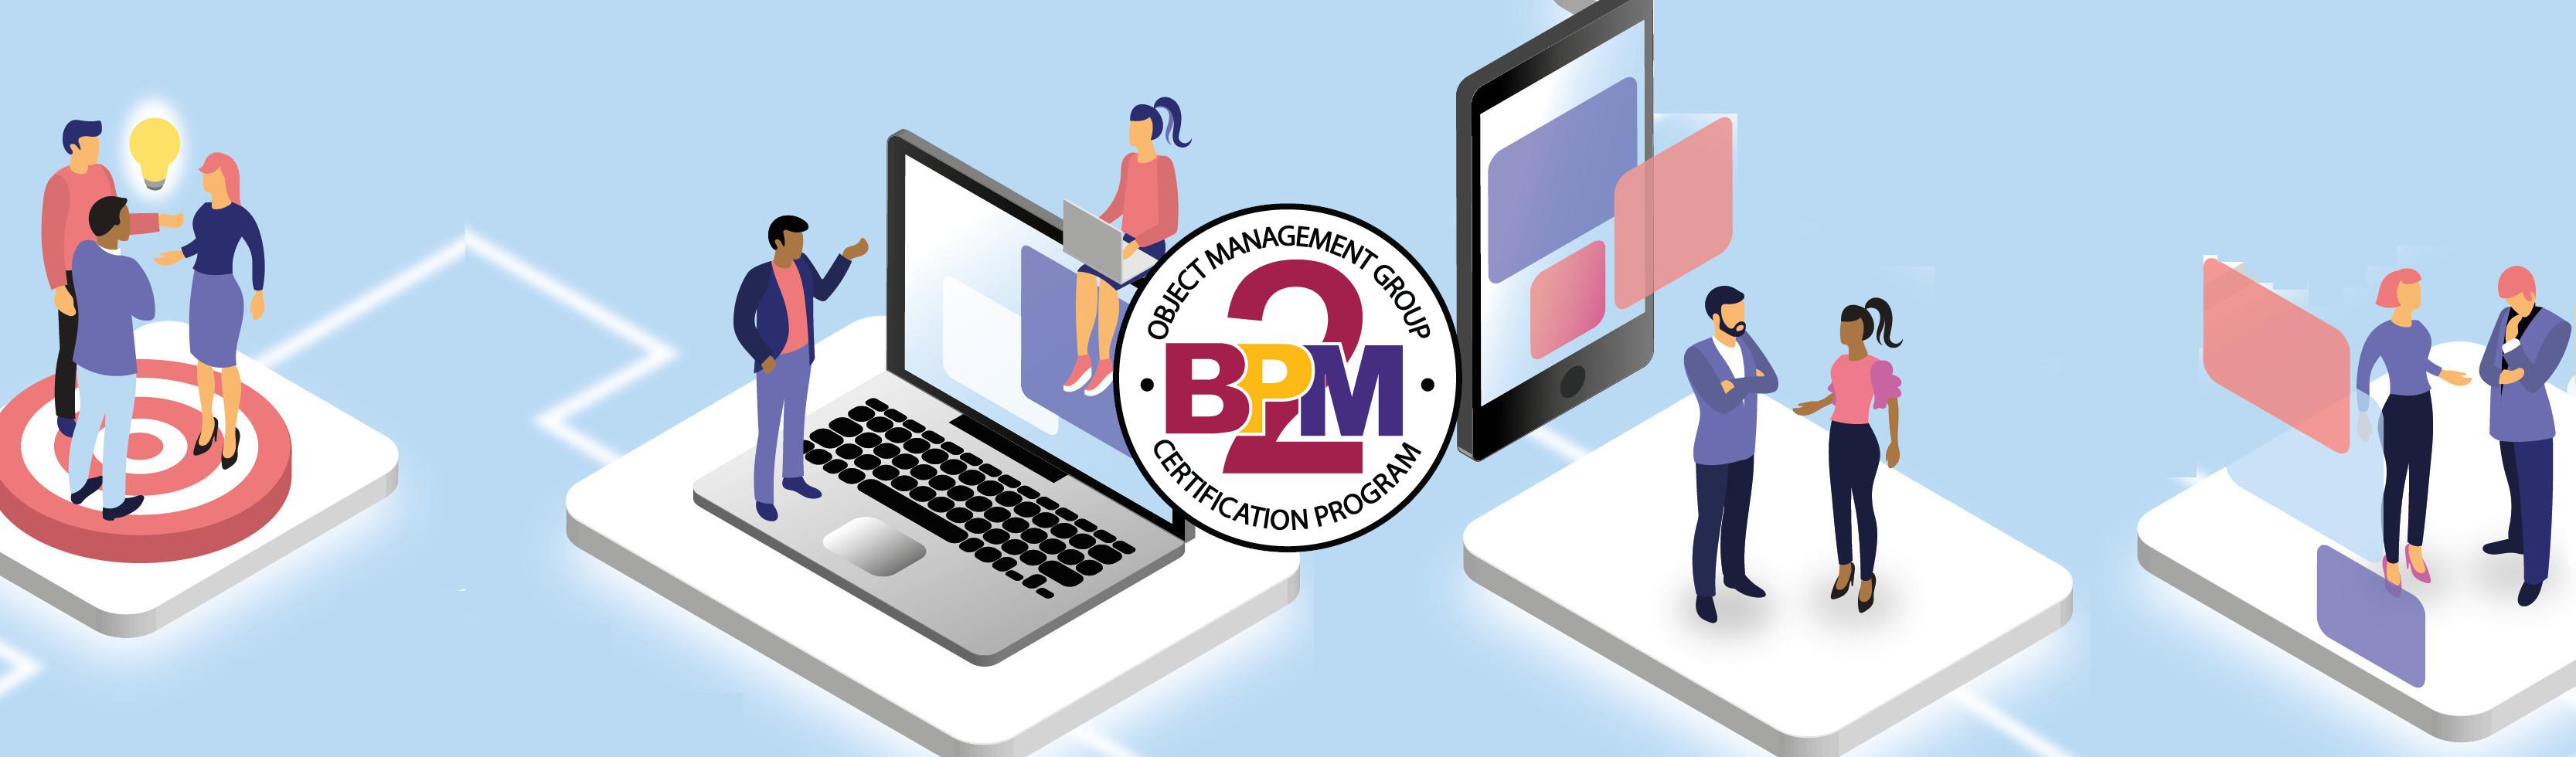 OCEB2 Fundamental (excl. BPMN)